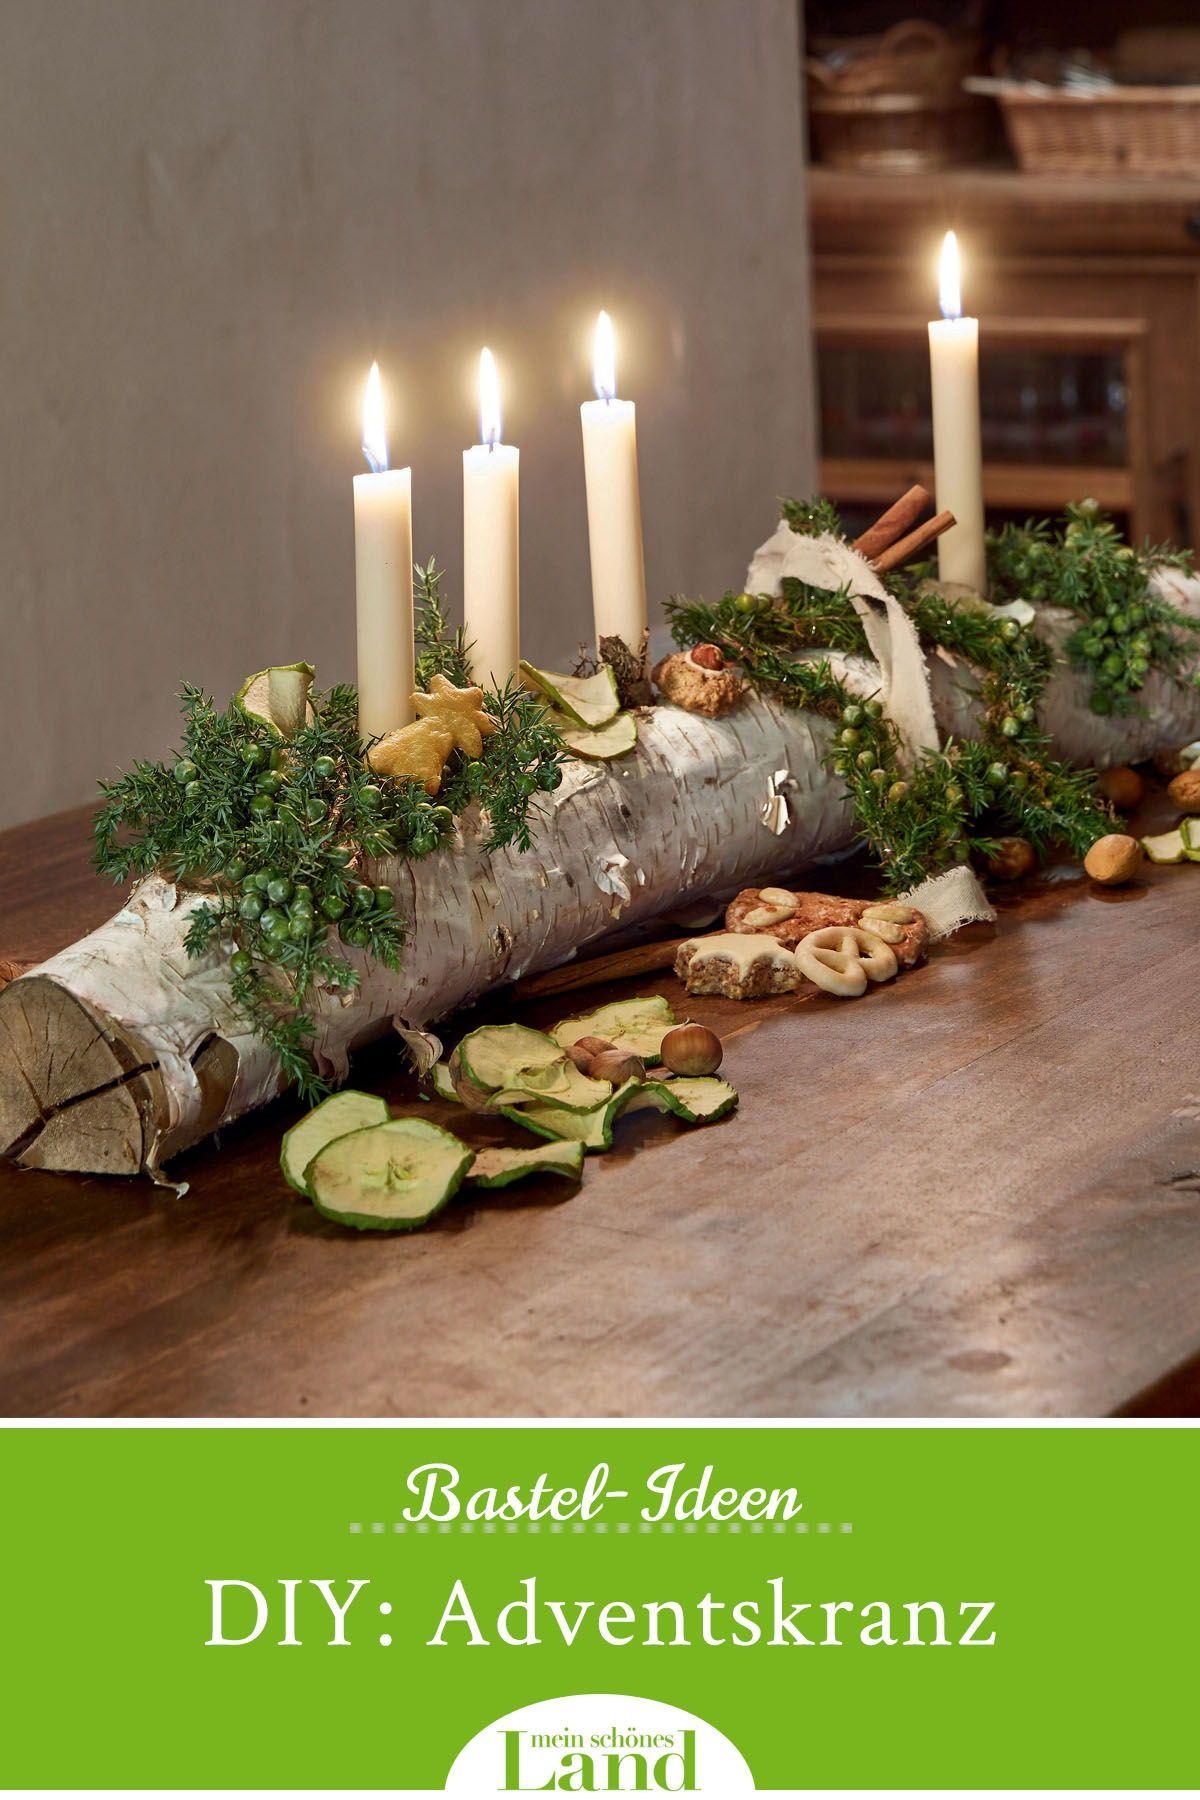 Adventskranz selber basteln – 7 natürliche Ideen #rustikaleweihnachtentischdeko